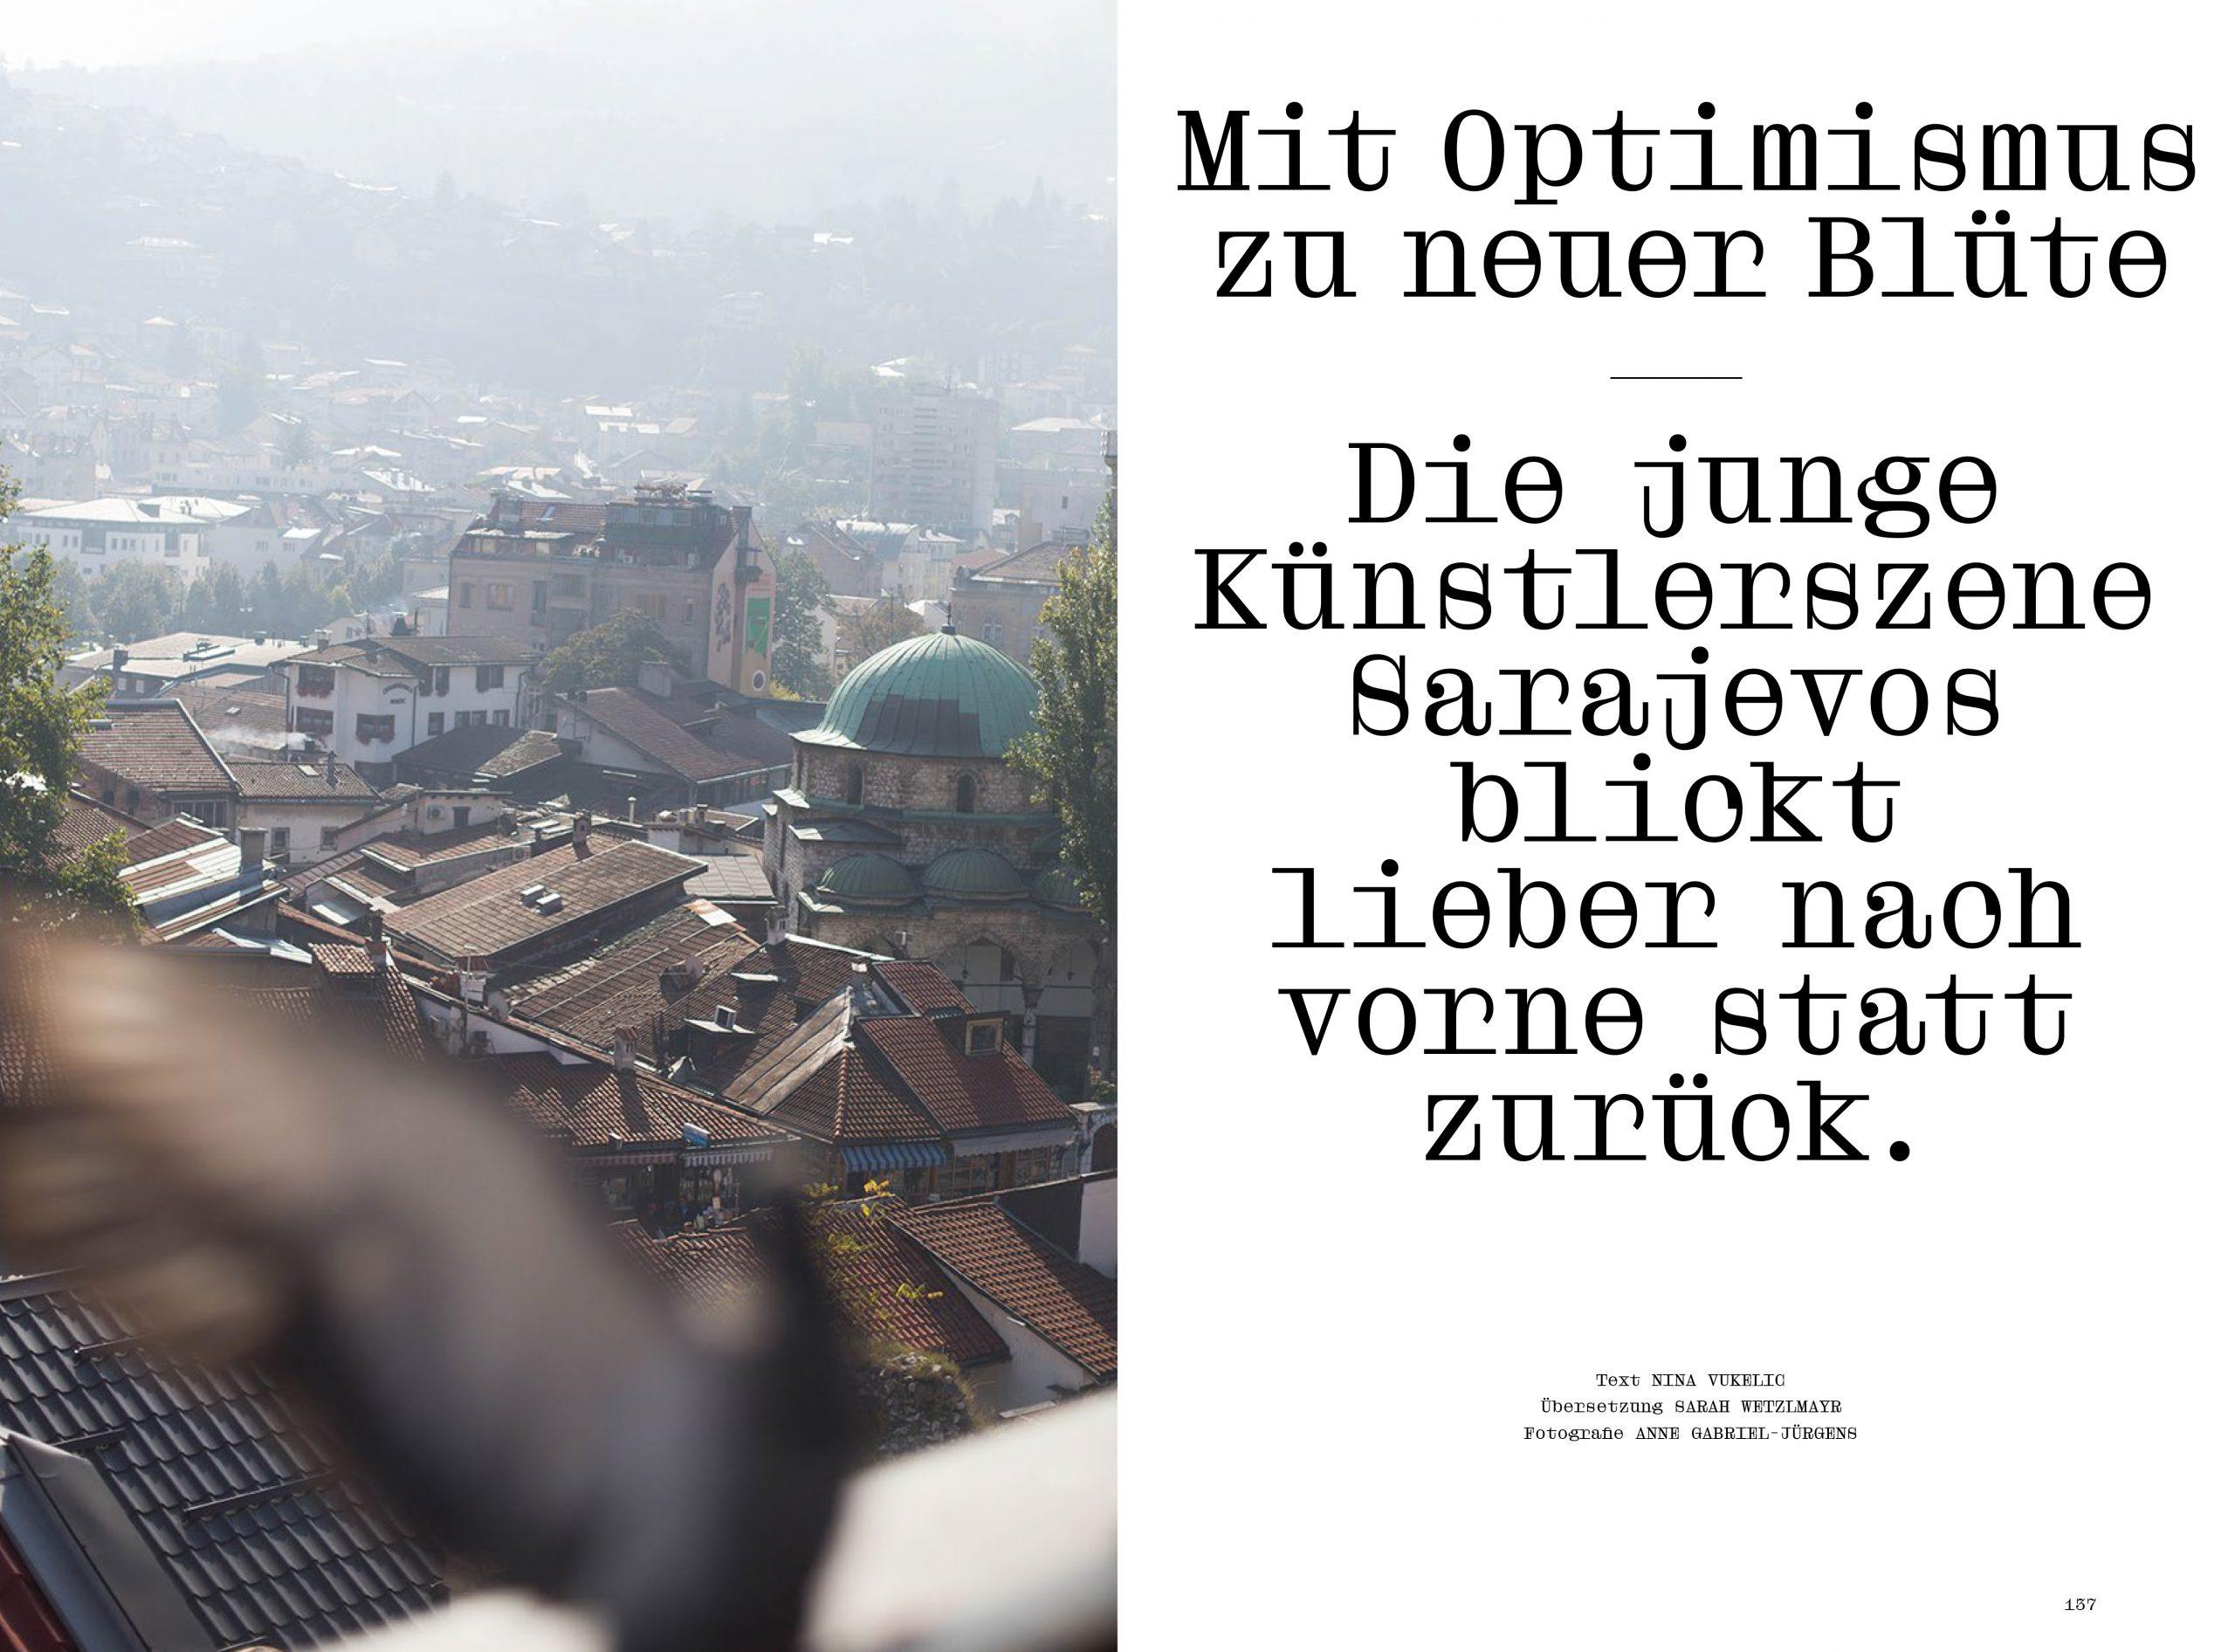 018_01_lufthansa_Sarajevo-1